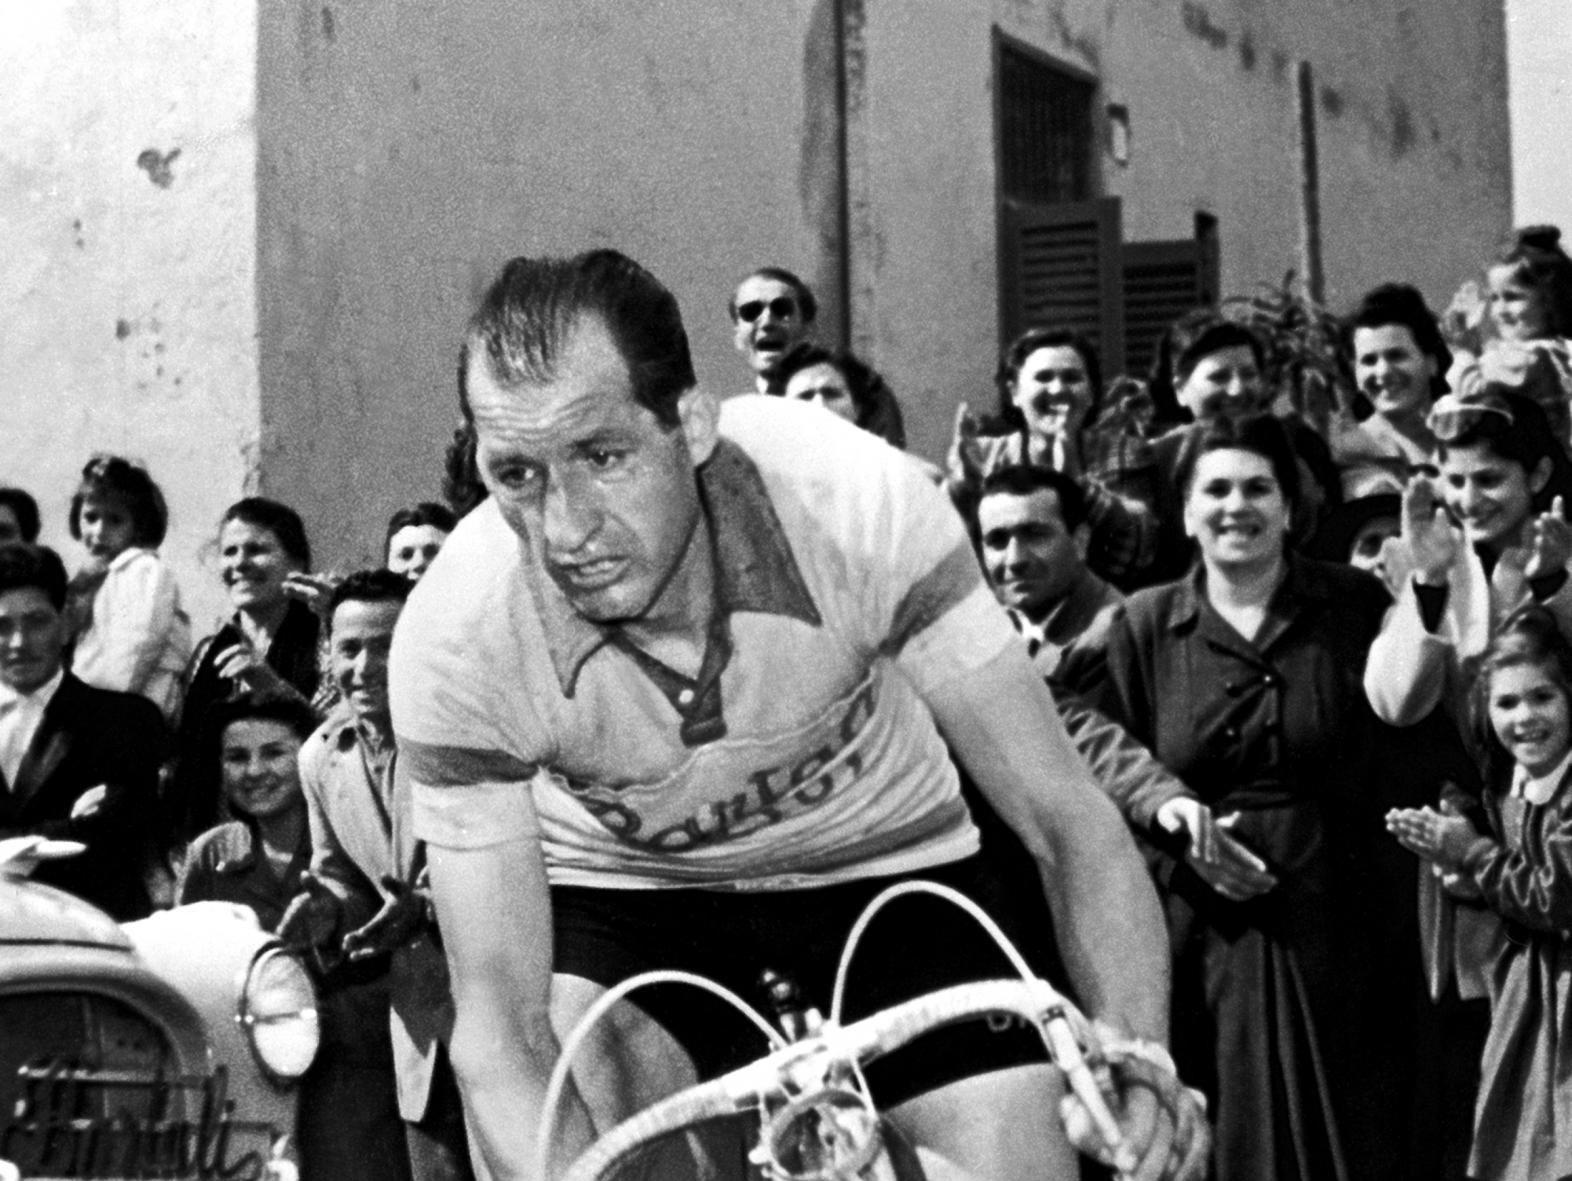 ג'ינו ברטלי - רוכב אופניים אגדי וחסיד אומות עולם